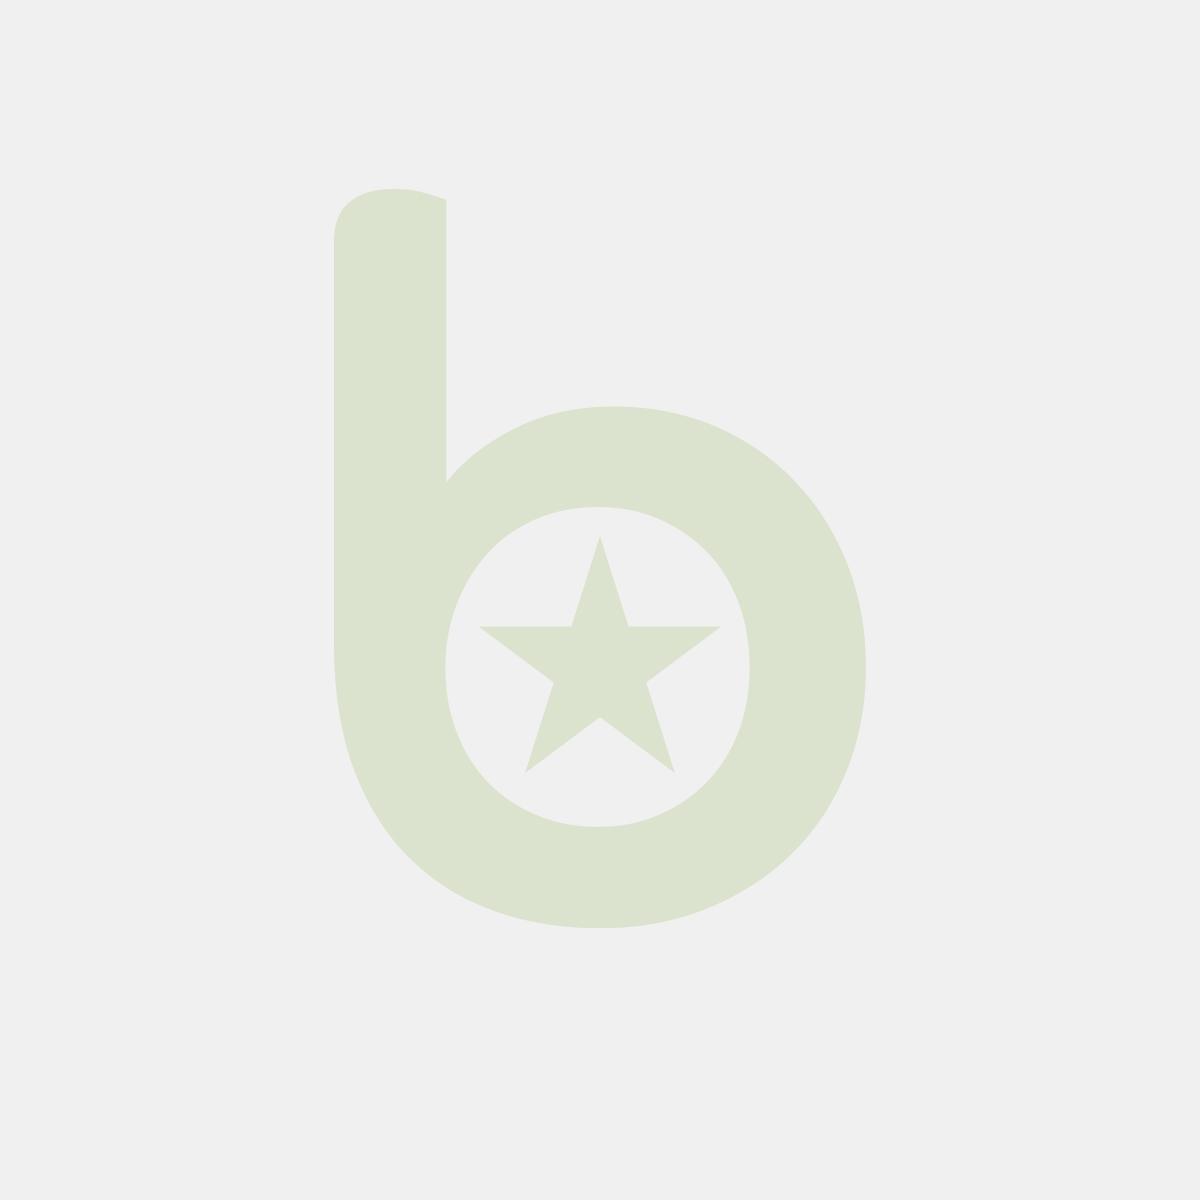 Serwetki PAPSTAR Royal Collection 40x40 czarny opakowanie 50szt